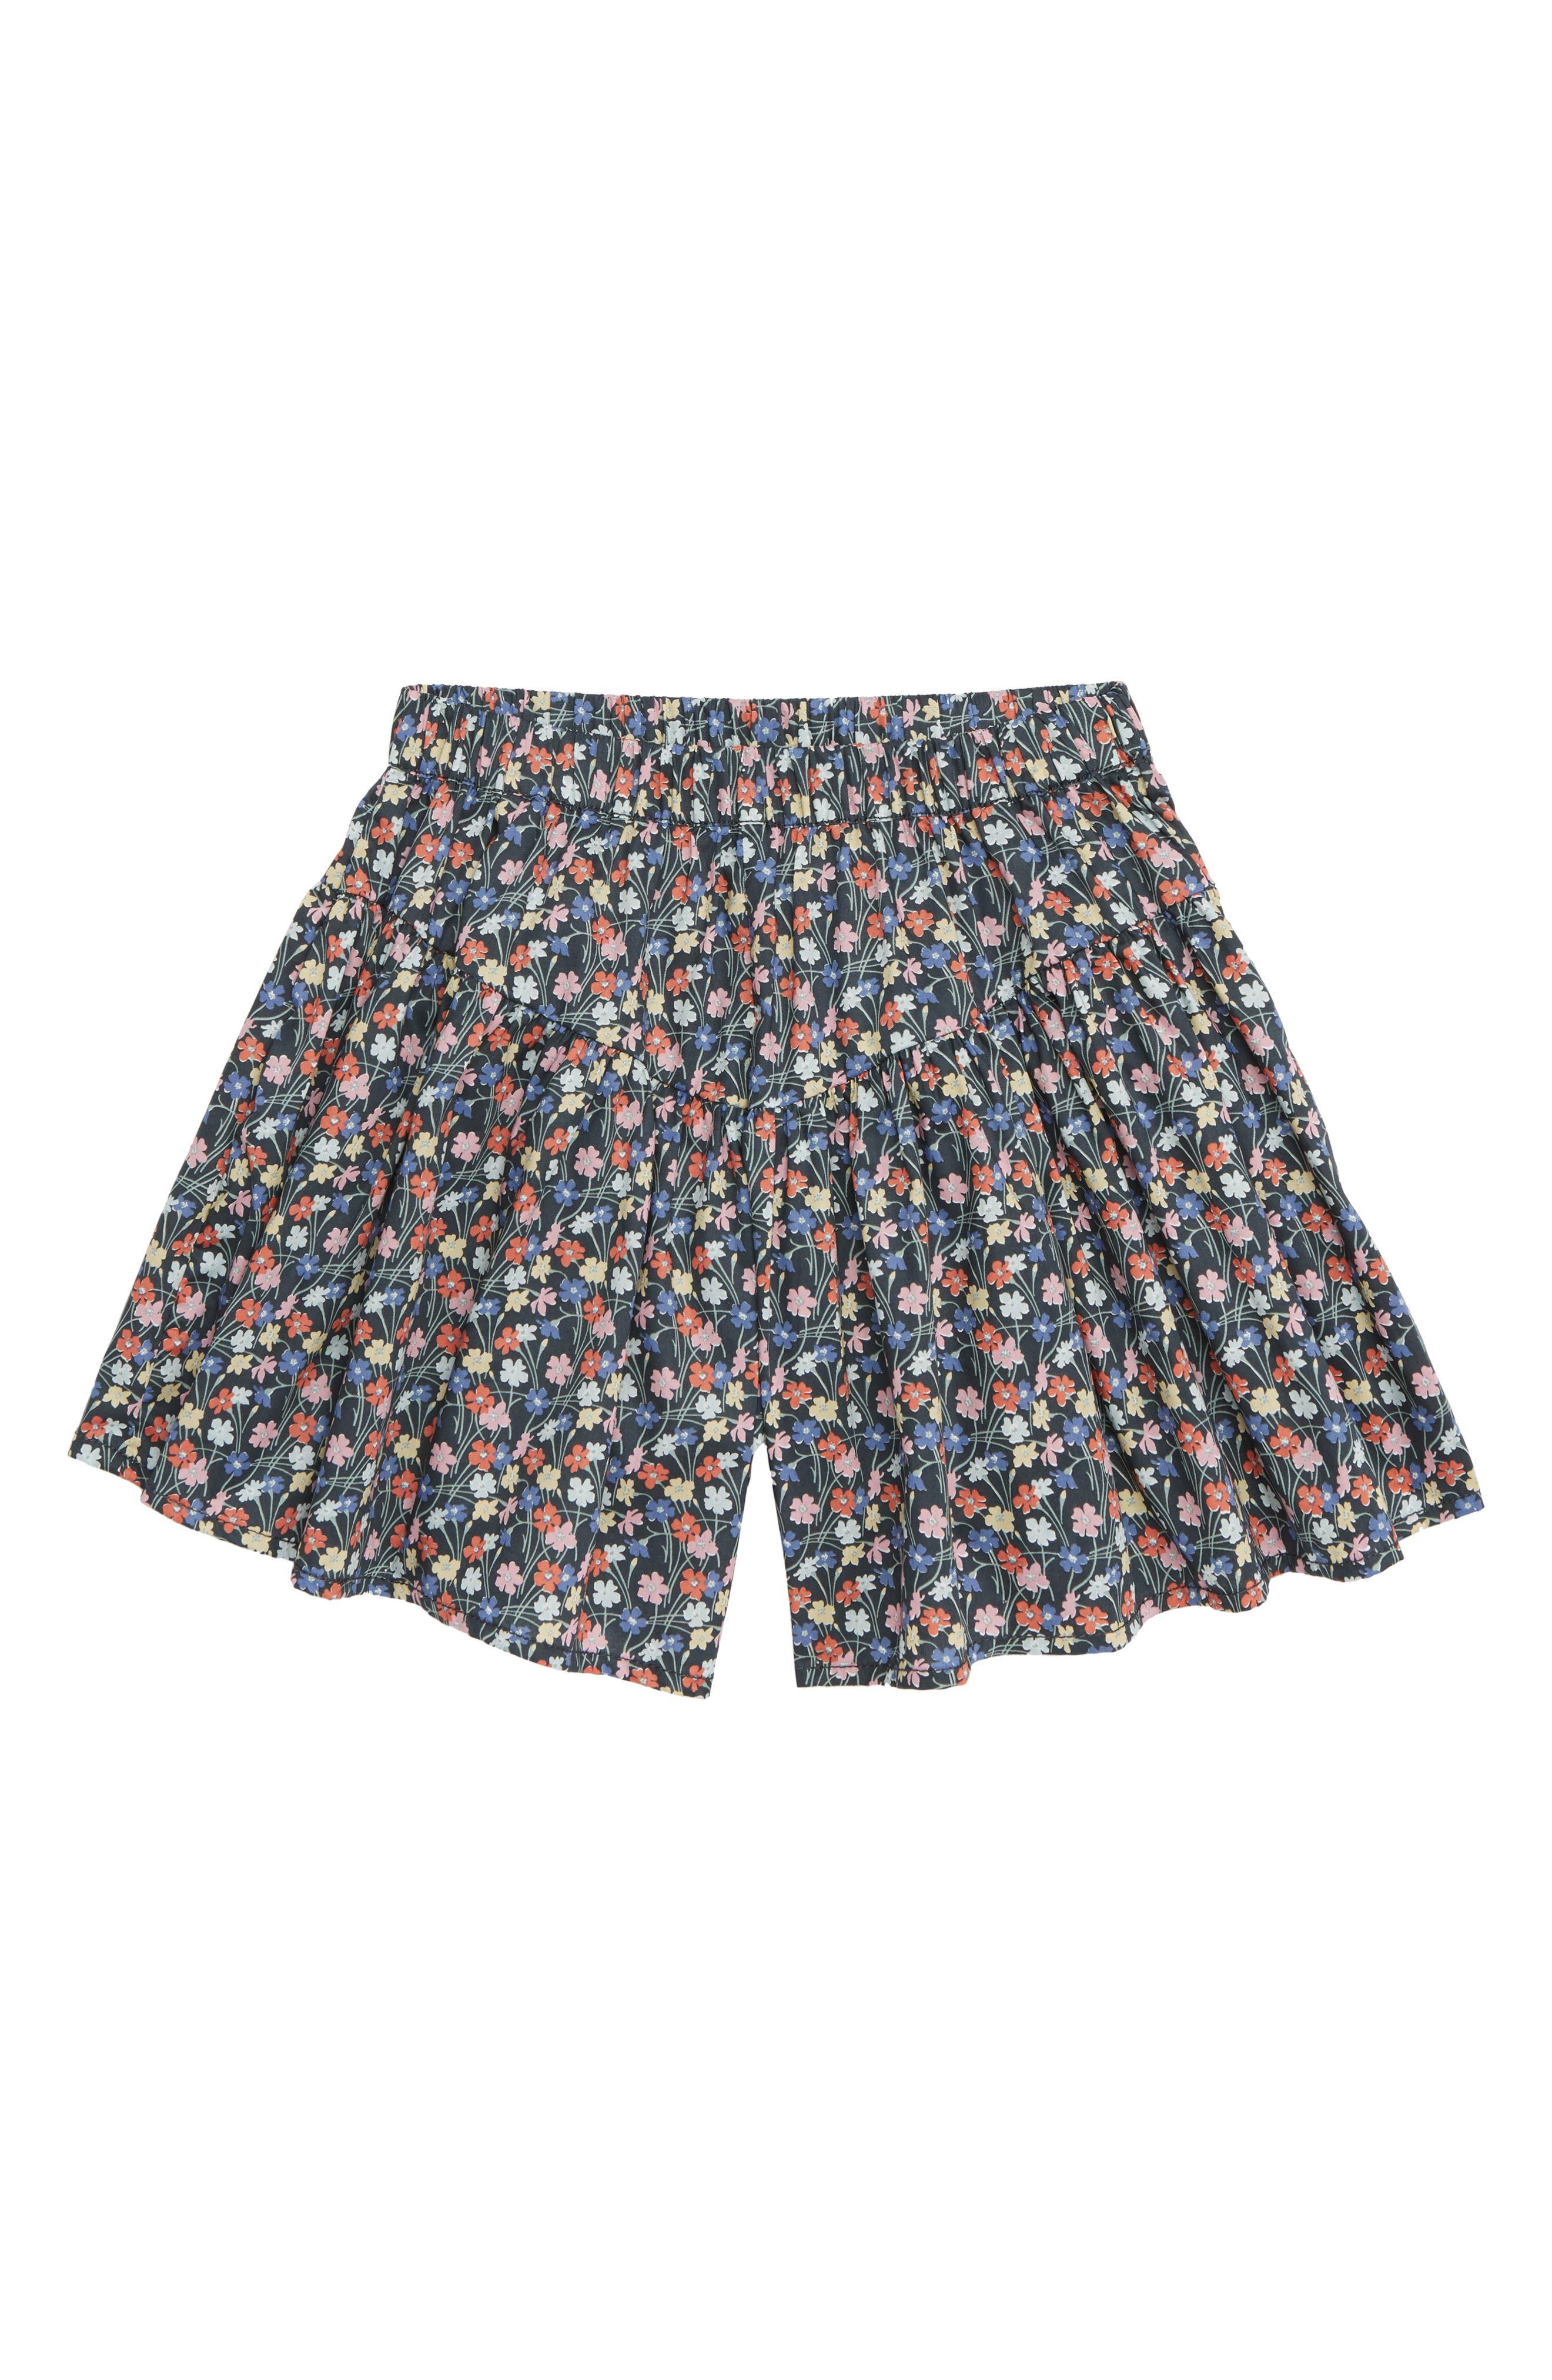 Alexa Shorts,                             Main thumbnail 1, color,                             020